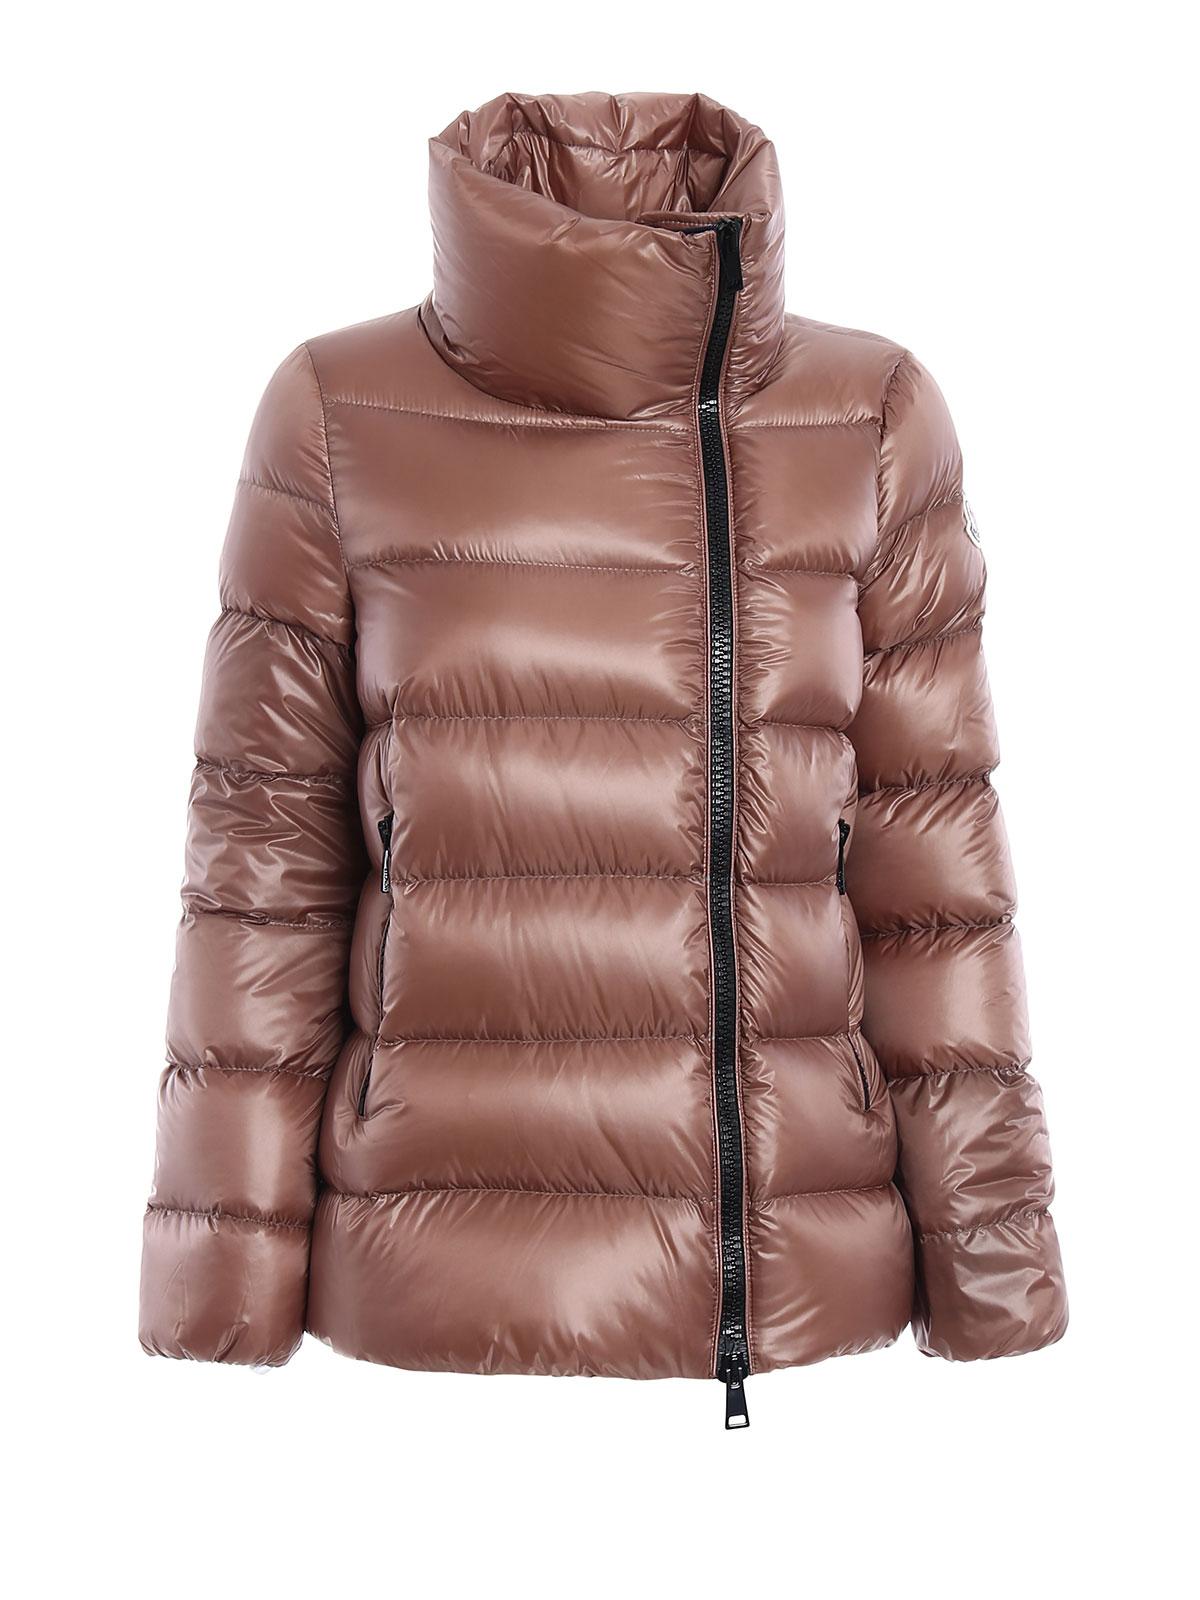 moncler salix padded jacket padded jackets c2 093 4699749 53052 581. Black Bedroom Furniture Sets. Home Design Ideas